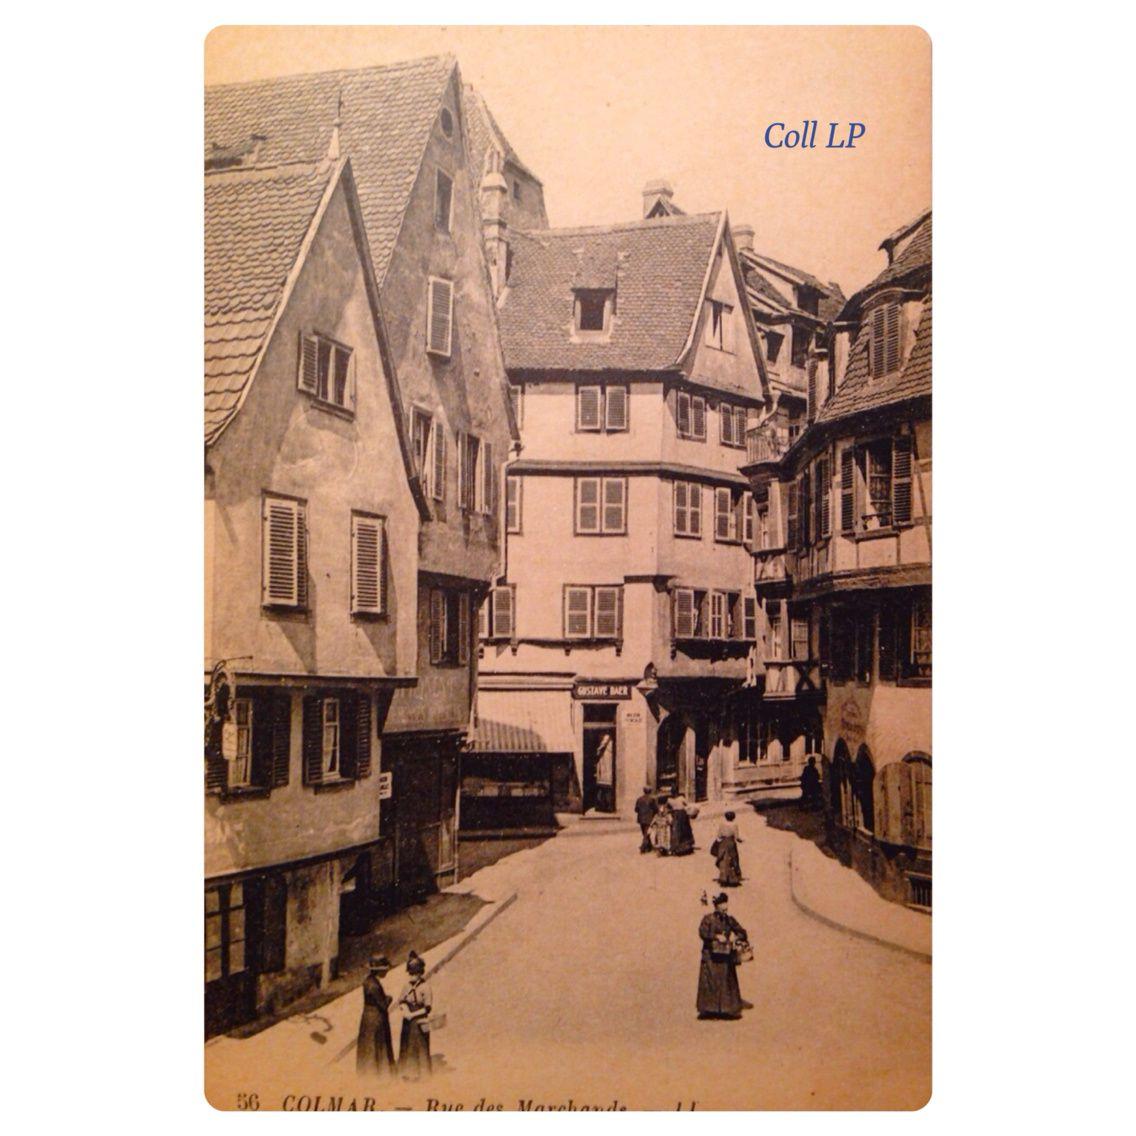 Commerces et vie Juive à Colmar